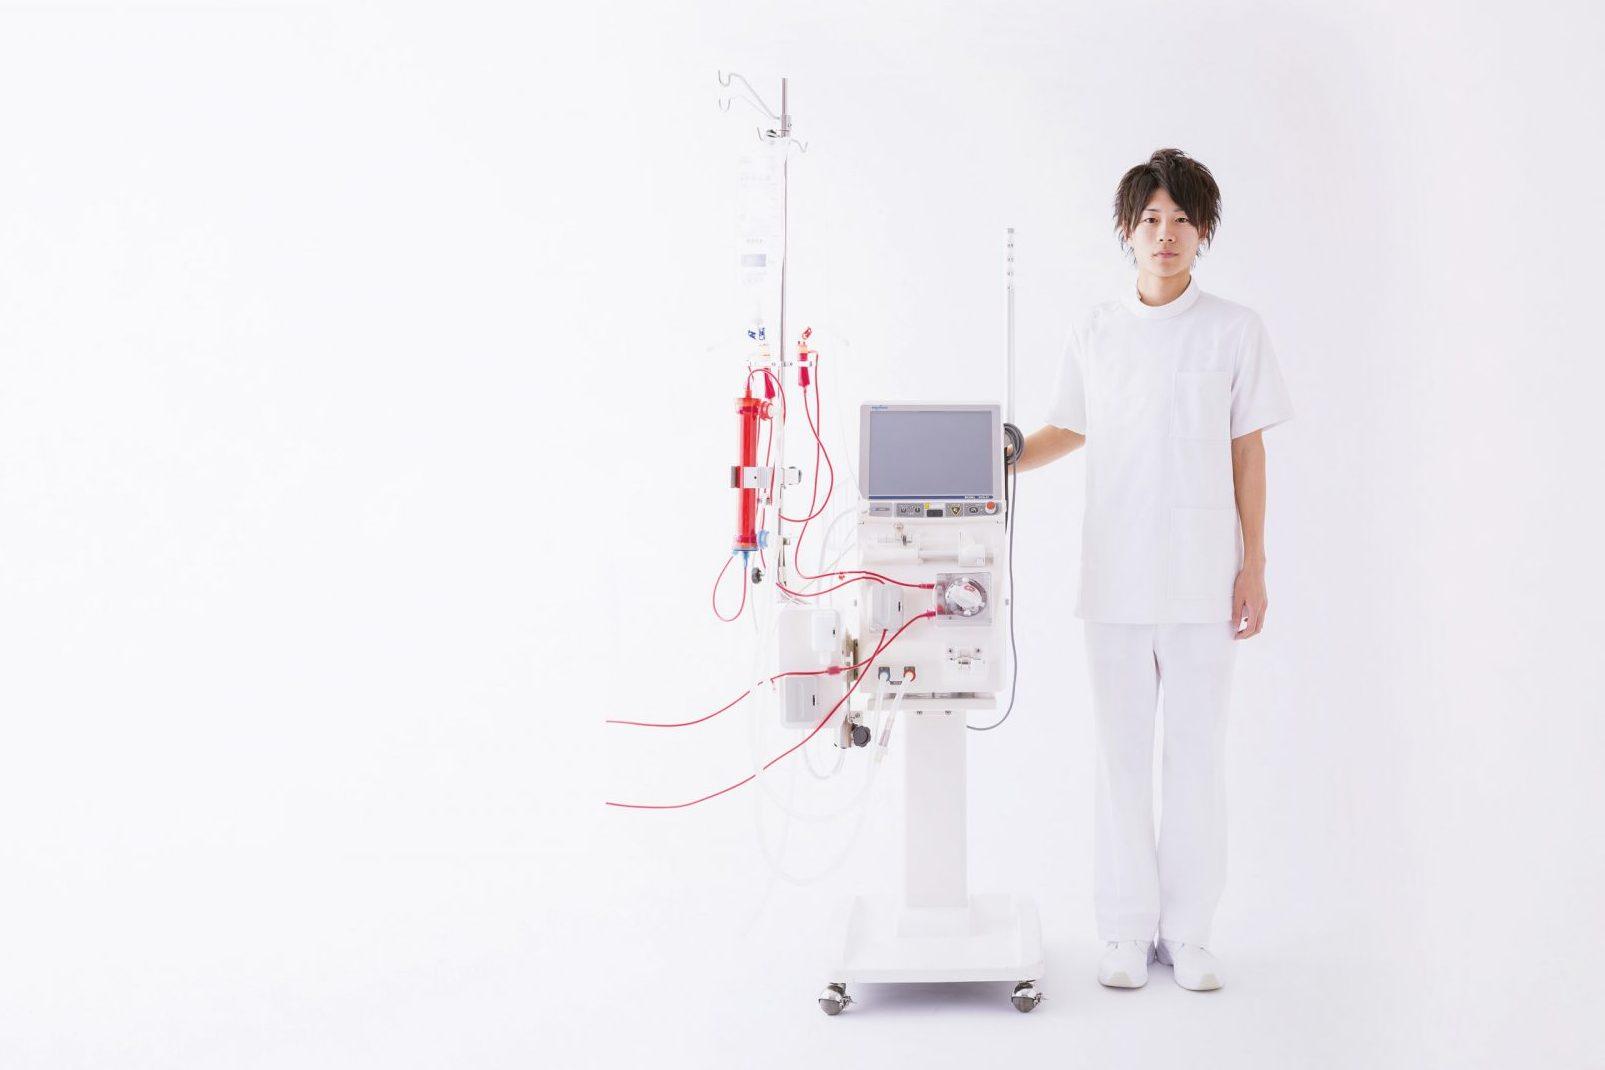 取得資格 臨床工学科メイン画像